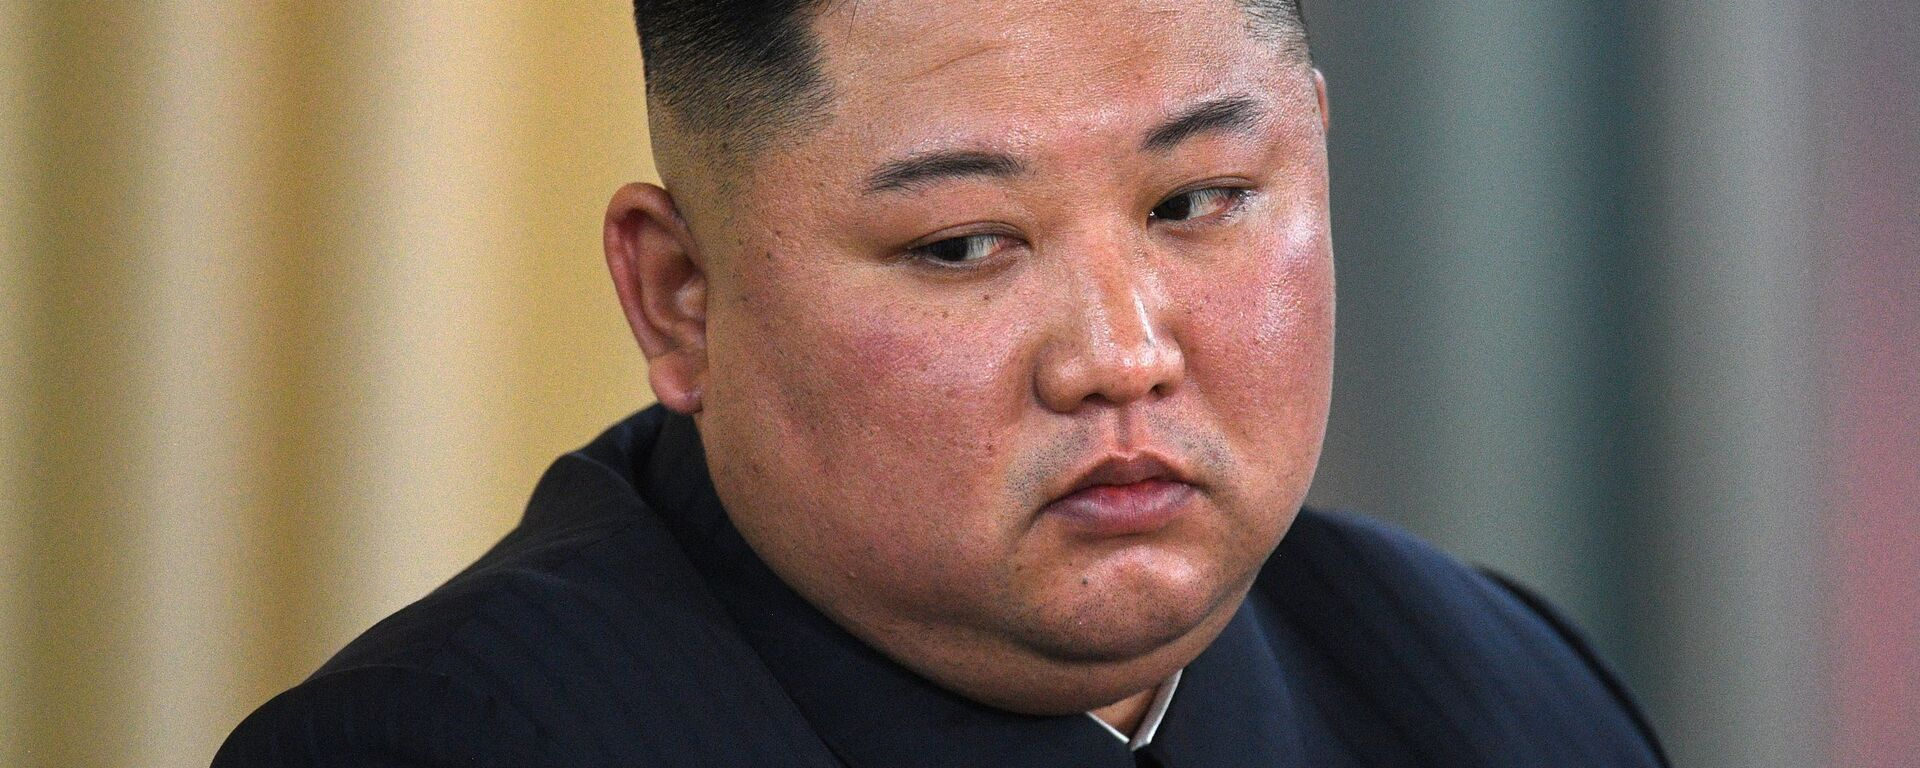 Kim Jong-un, el líder de Corea del Norte - Sputnik Mundo, 1920, 12.02.2021